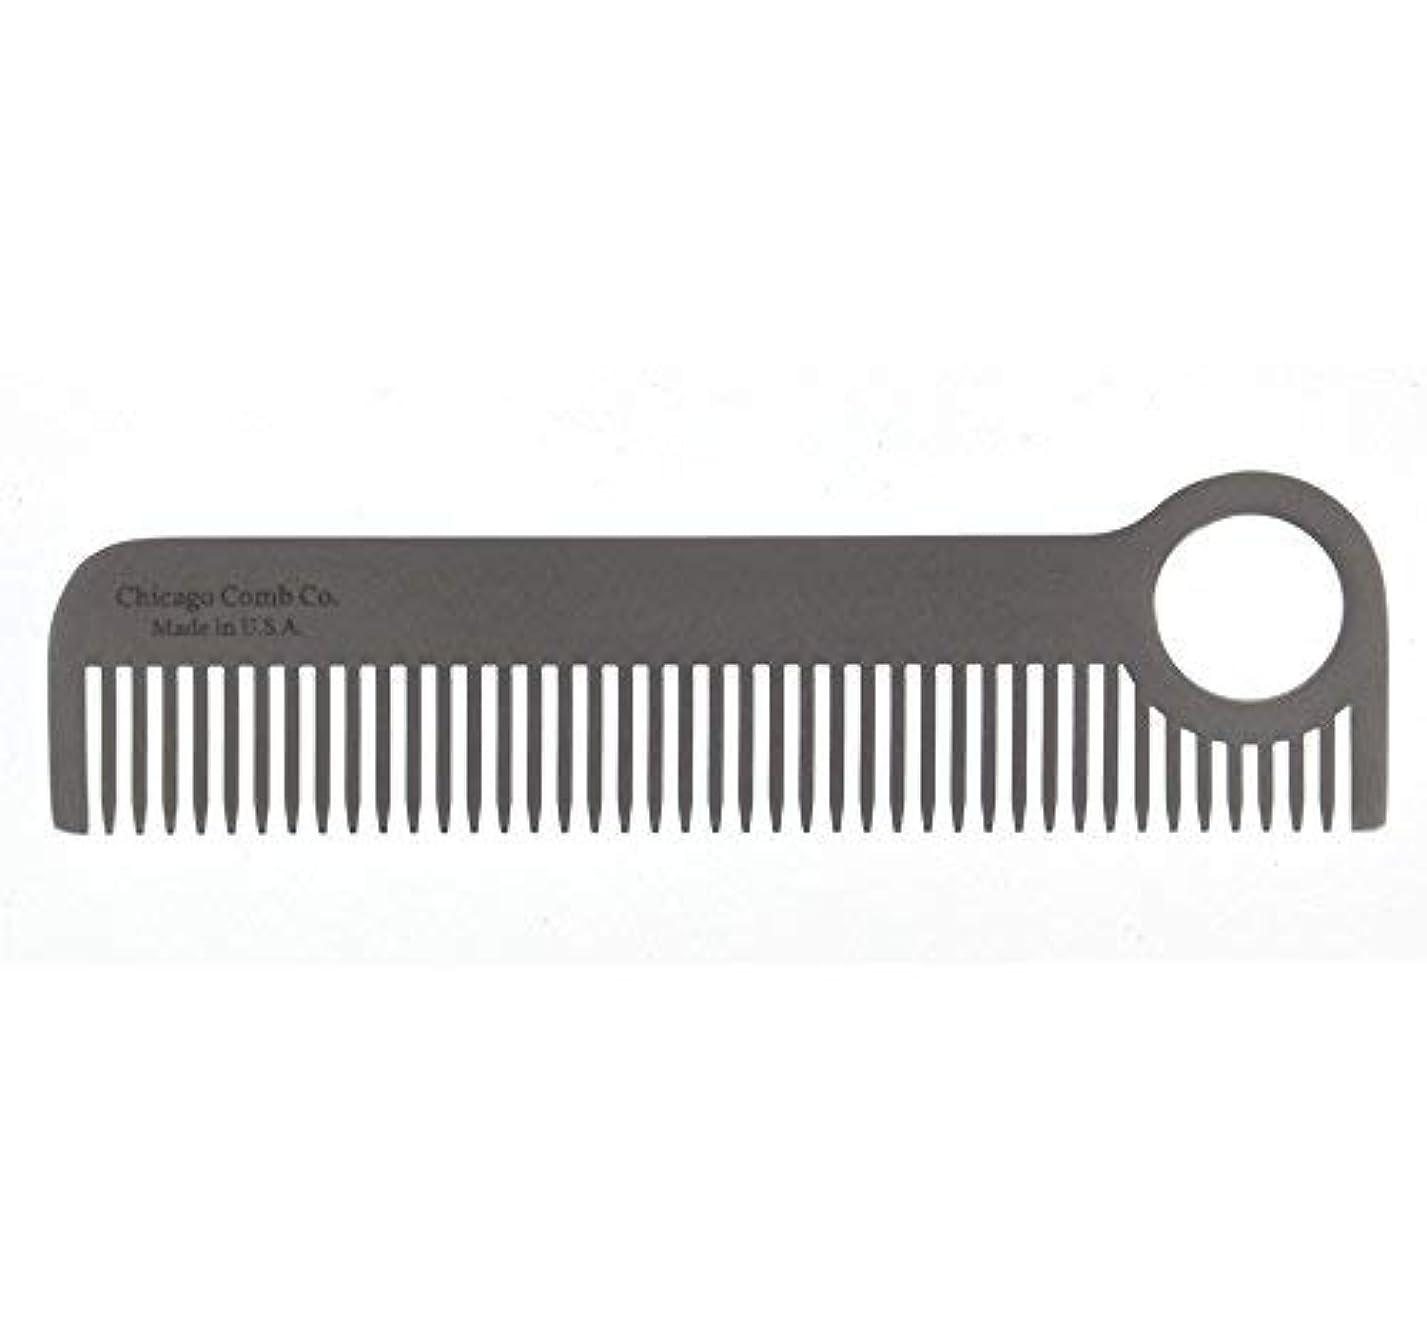 ベッツィトロットウッド管理者港Chicago Comb Model No. 1, Matte Comb, 1.7 Ounce [並行輸入品]